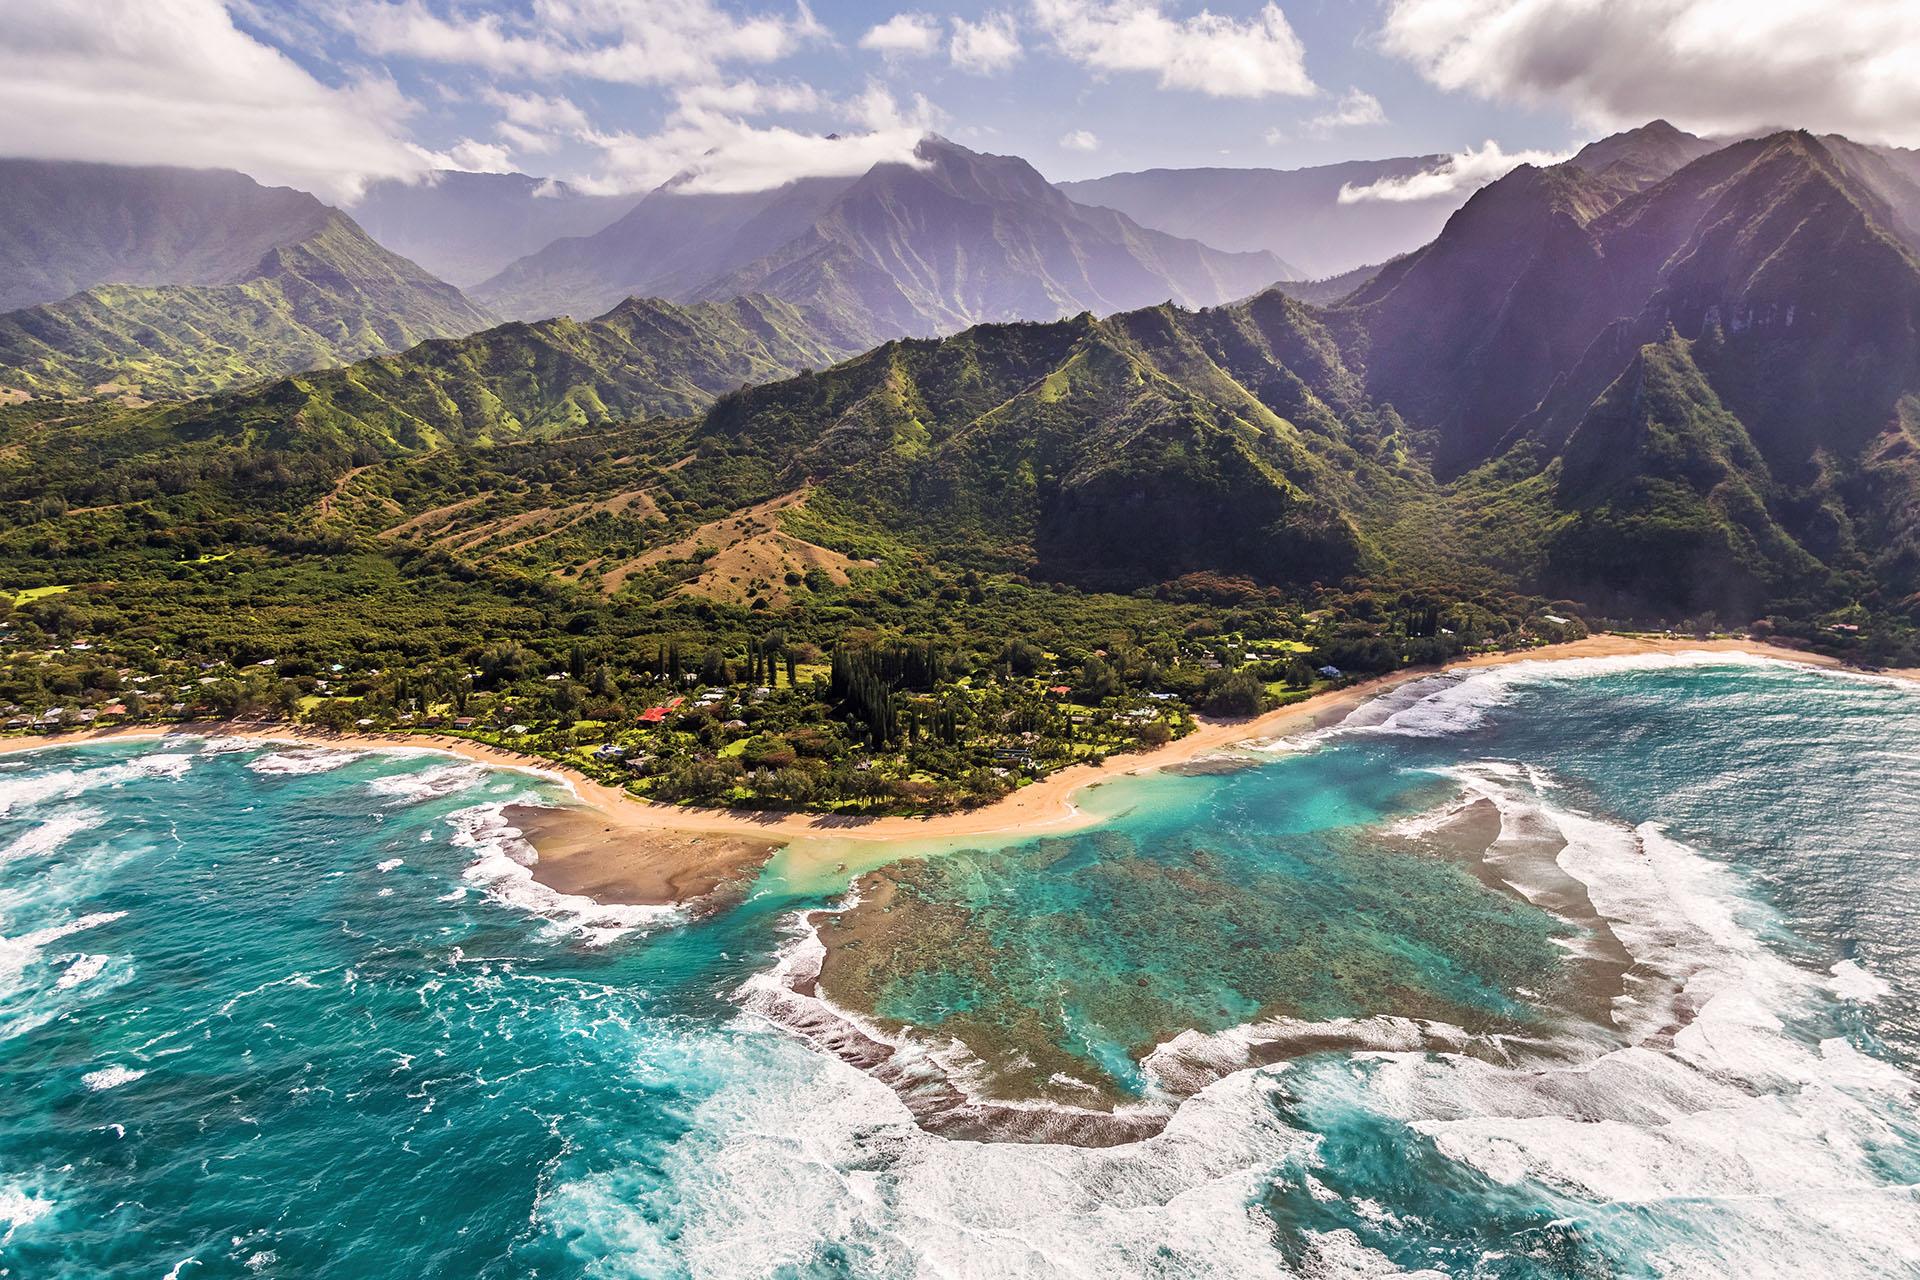 La playa de los túneles es la combinación perfecta: con la vegetación de fondo del Monte Makana y sus selvas exuberantes. Los tubos de lava son los que forman las numerosas cavernas submarinas que dan nombre a la famosa playa